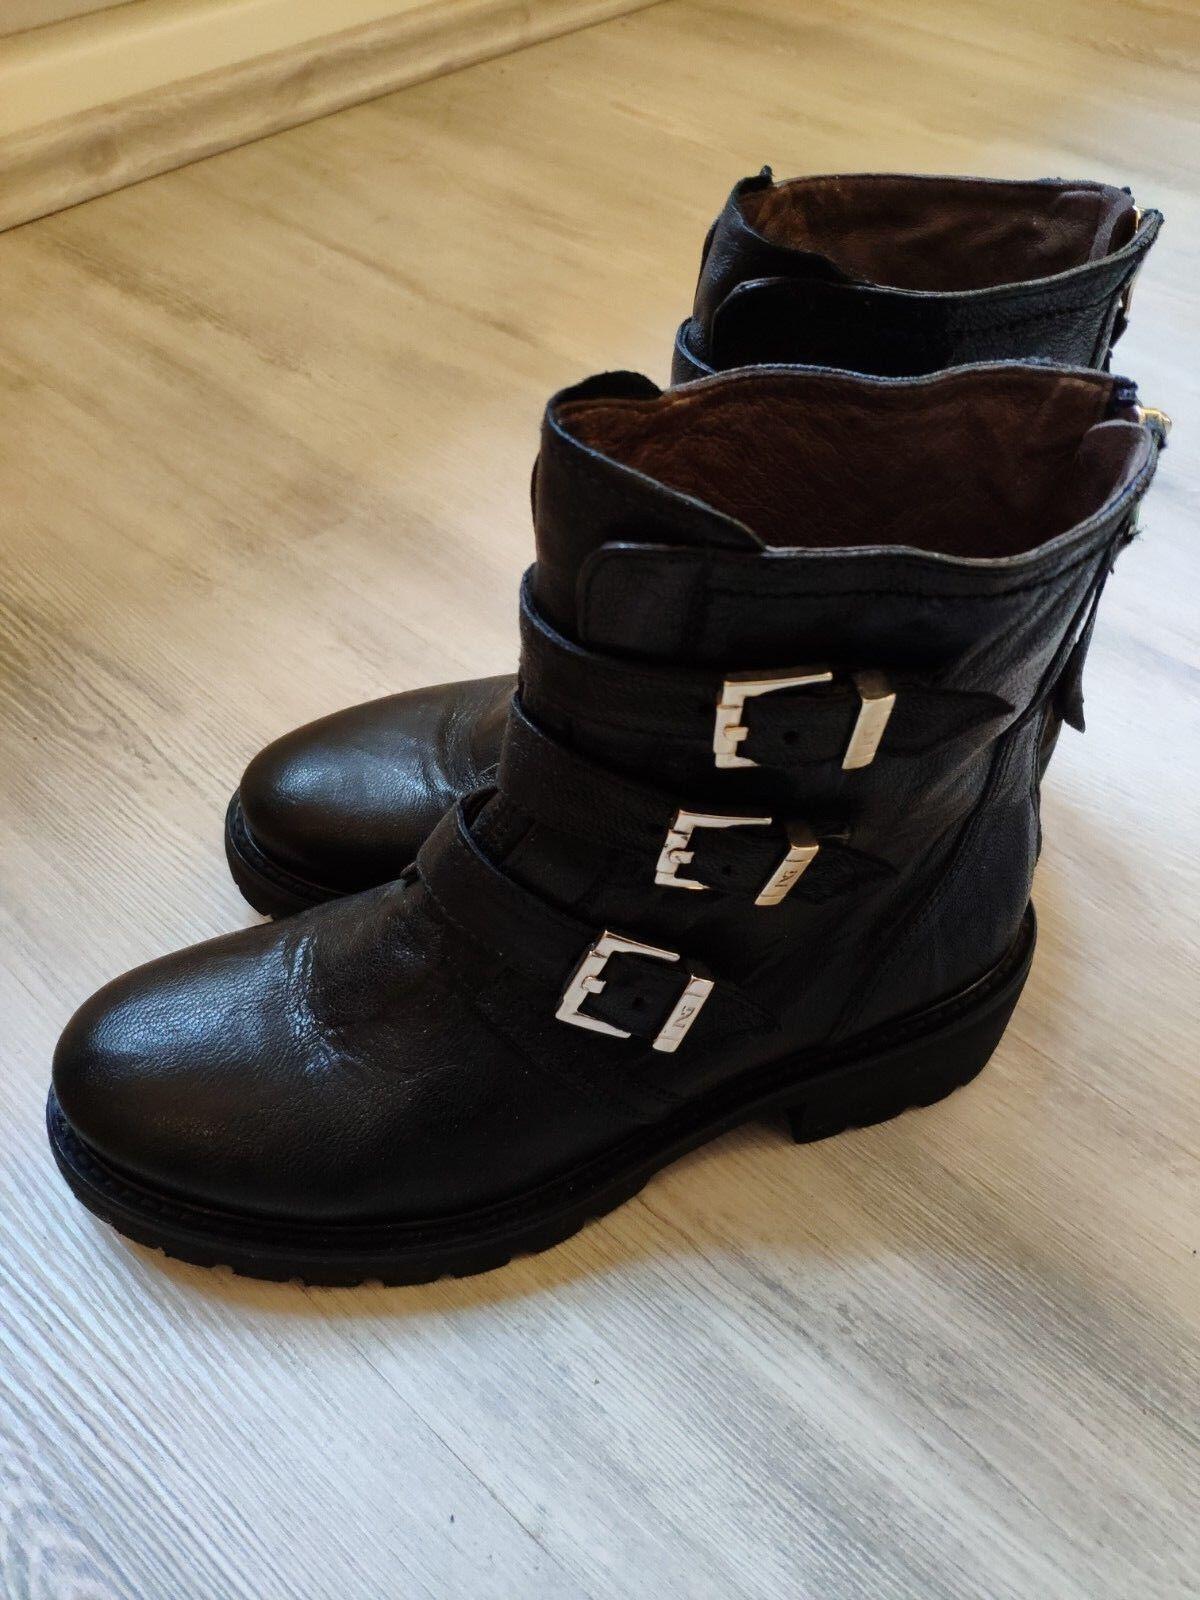 Noir Giardini Véritable Italien bottines cuir Taille 39 comme femmes Neuf